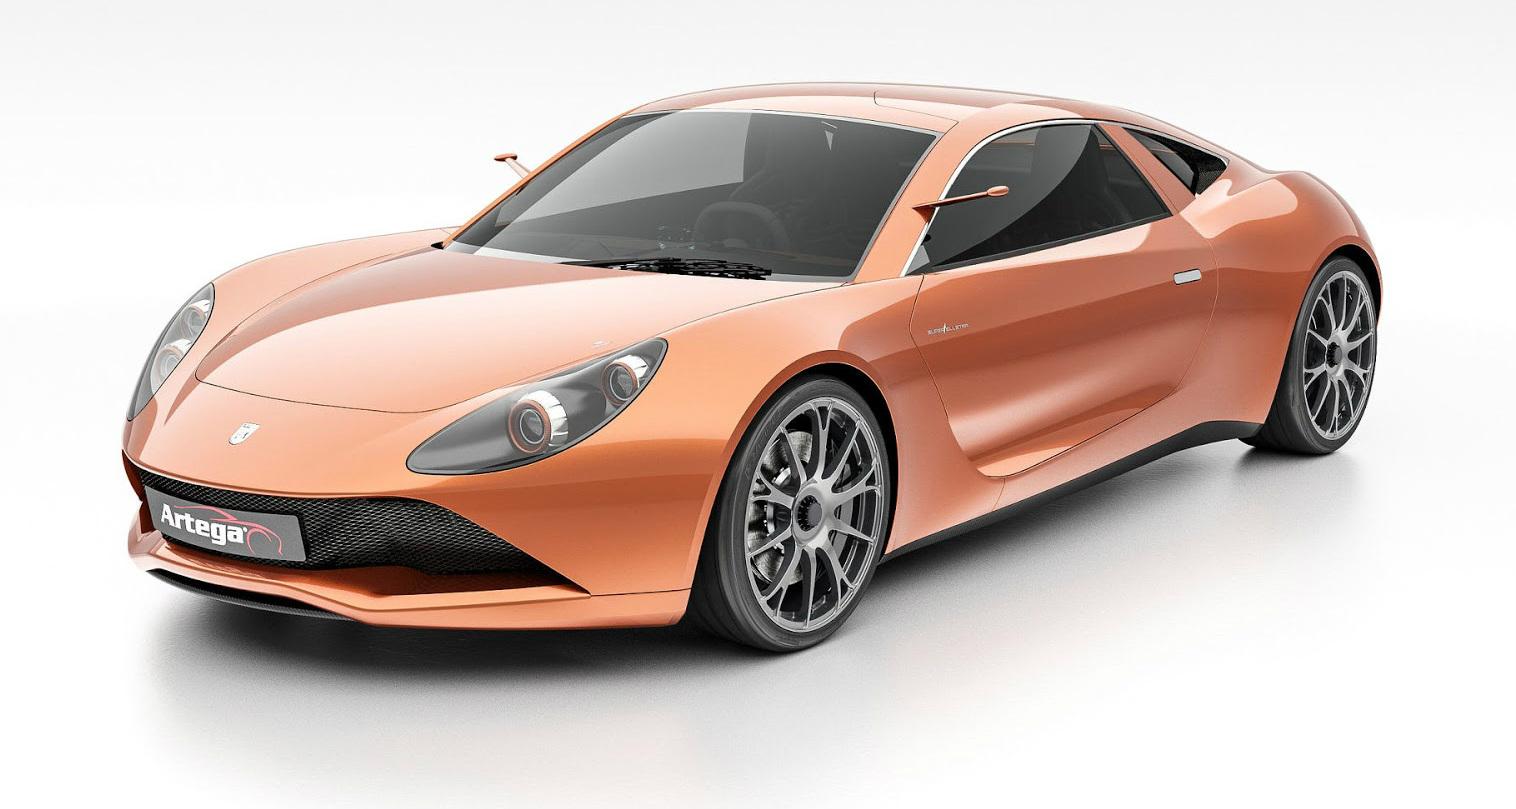 Artega Back With Scalo Superelletra - Geneva Motor Show